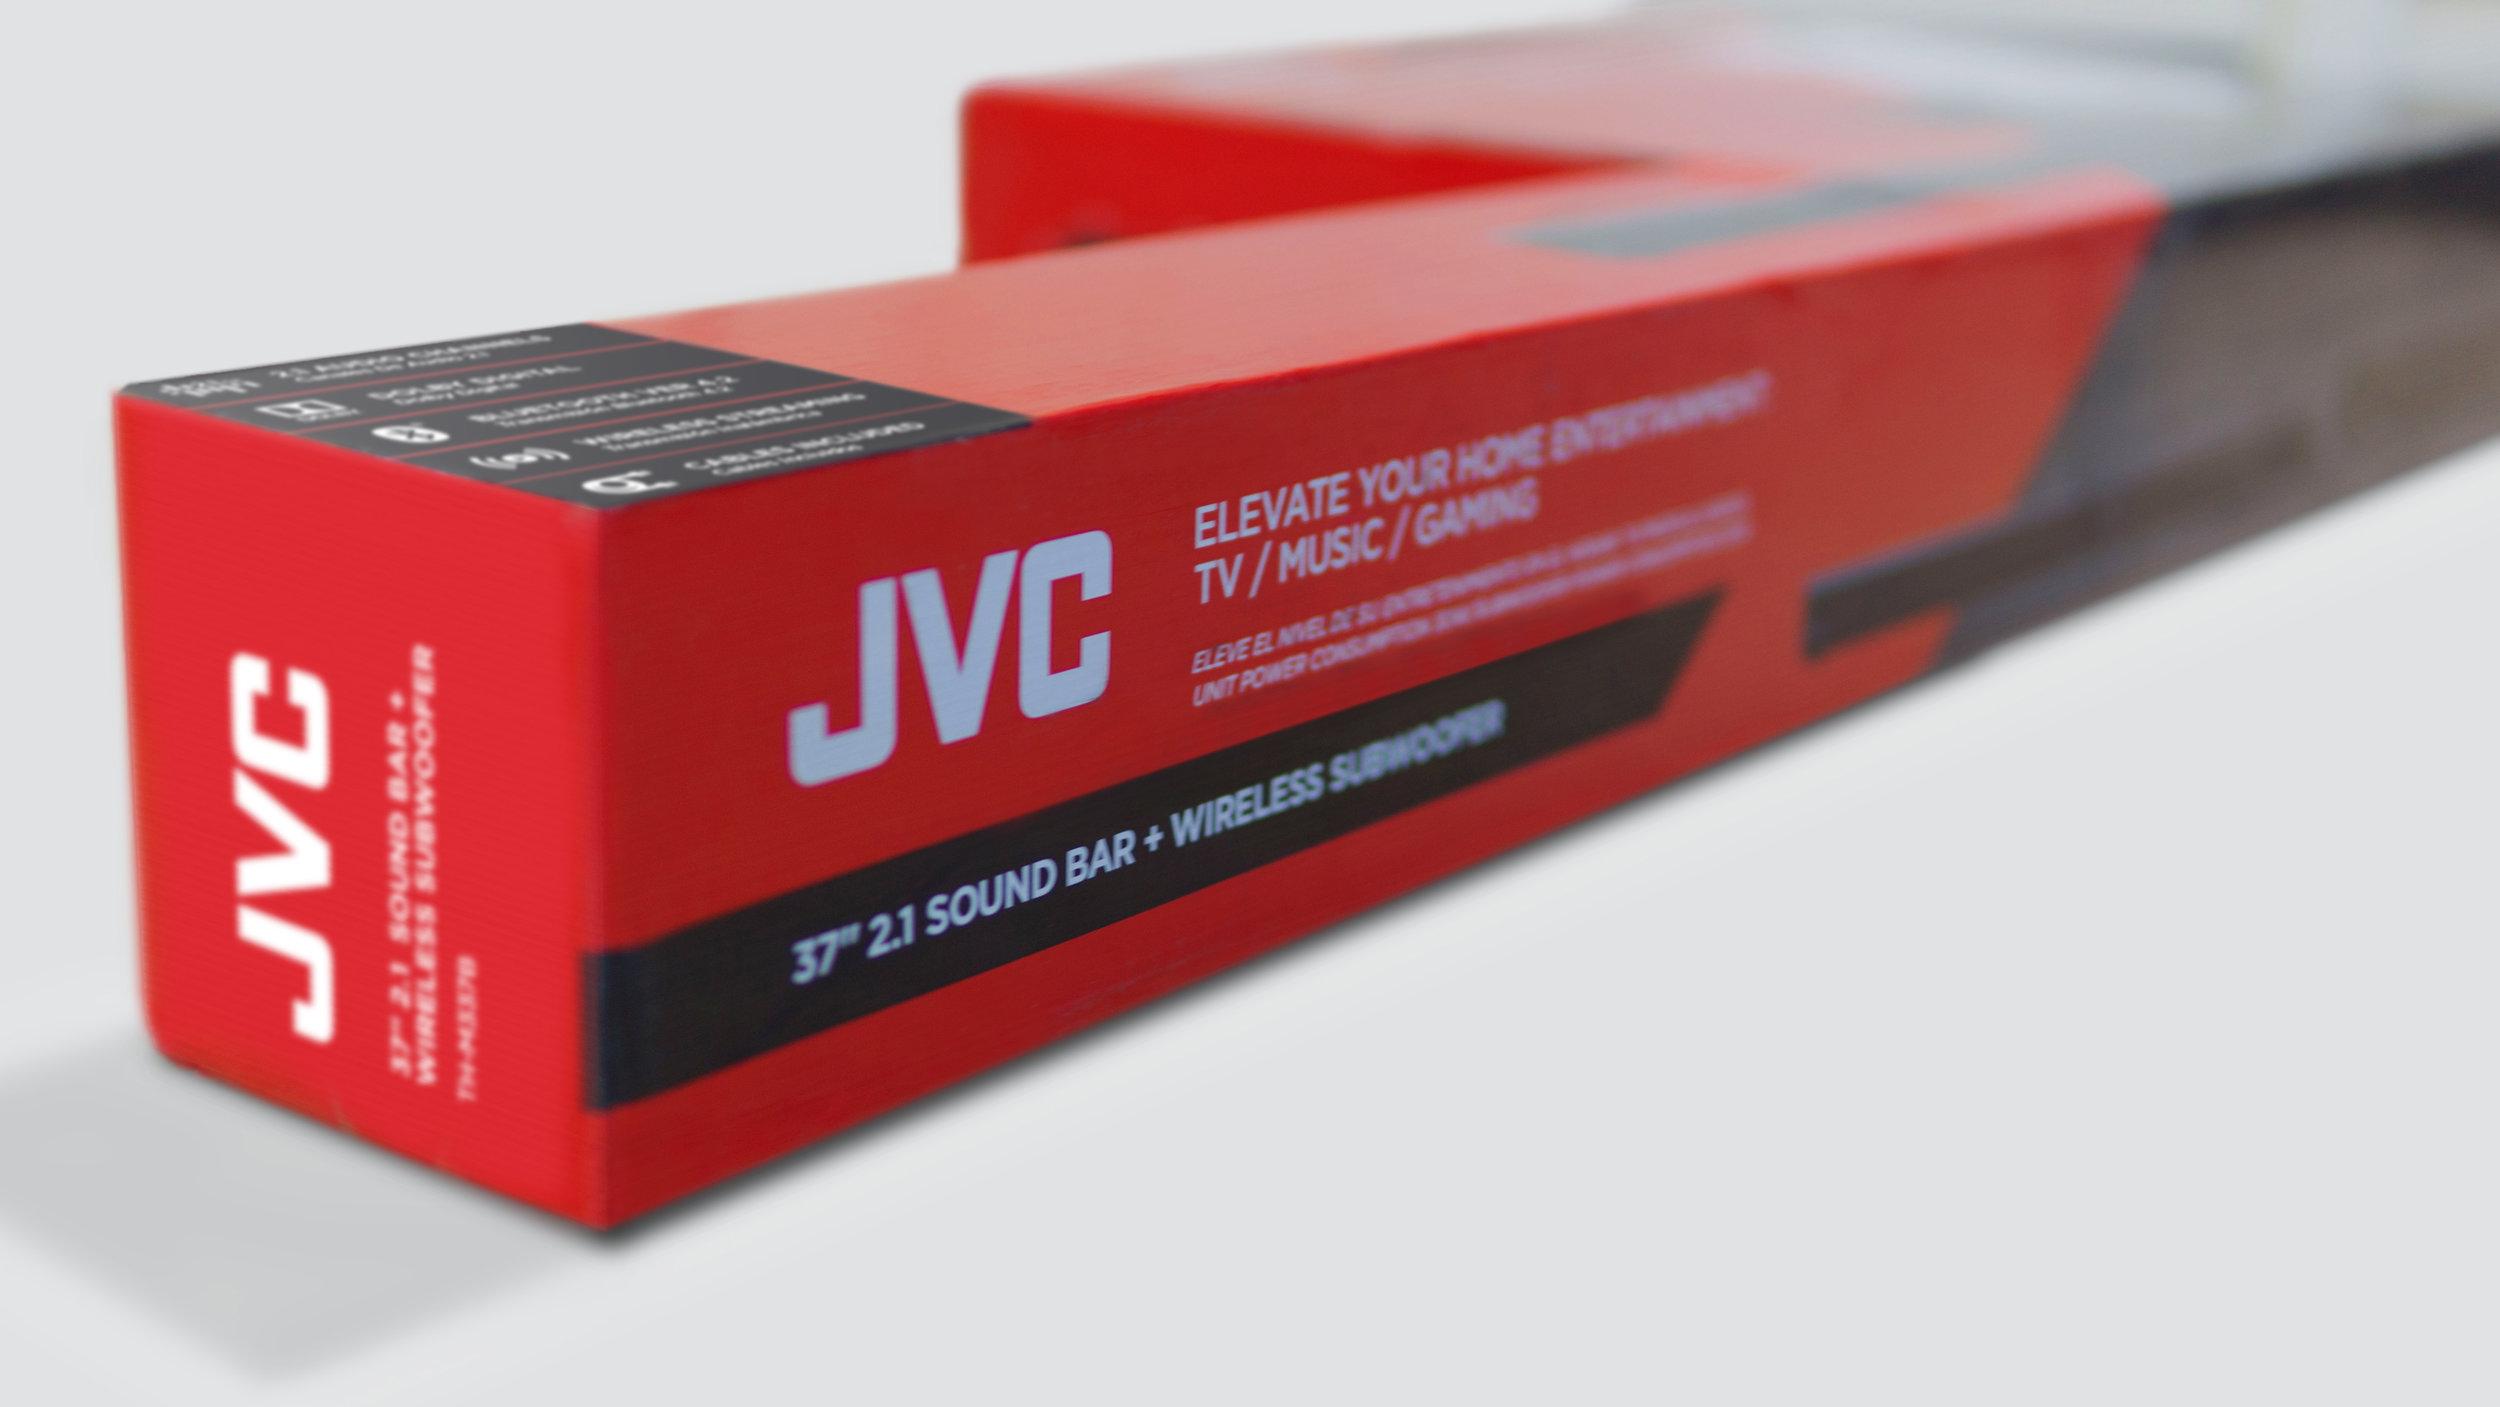 JVC_SoundBar3.jpg